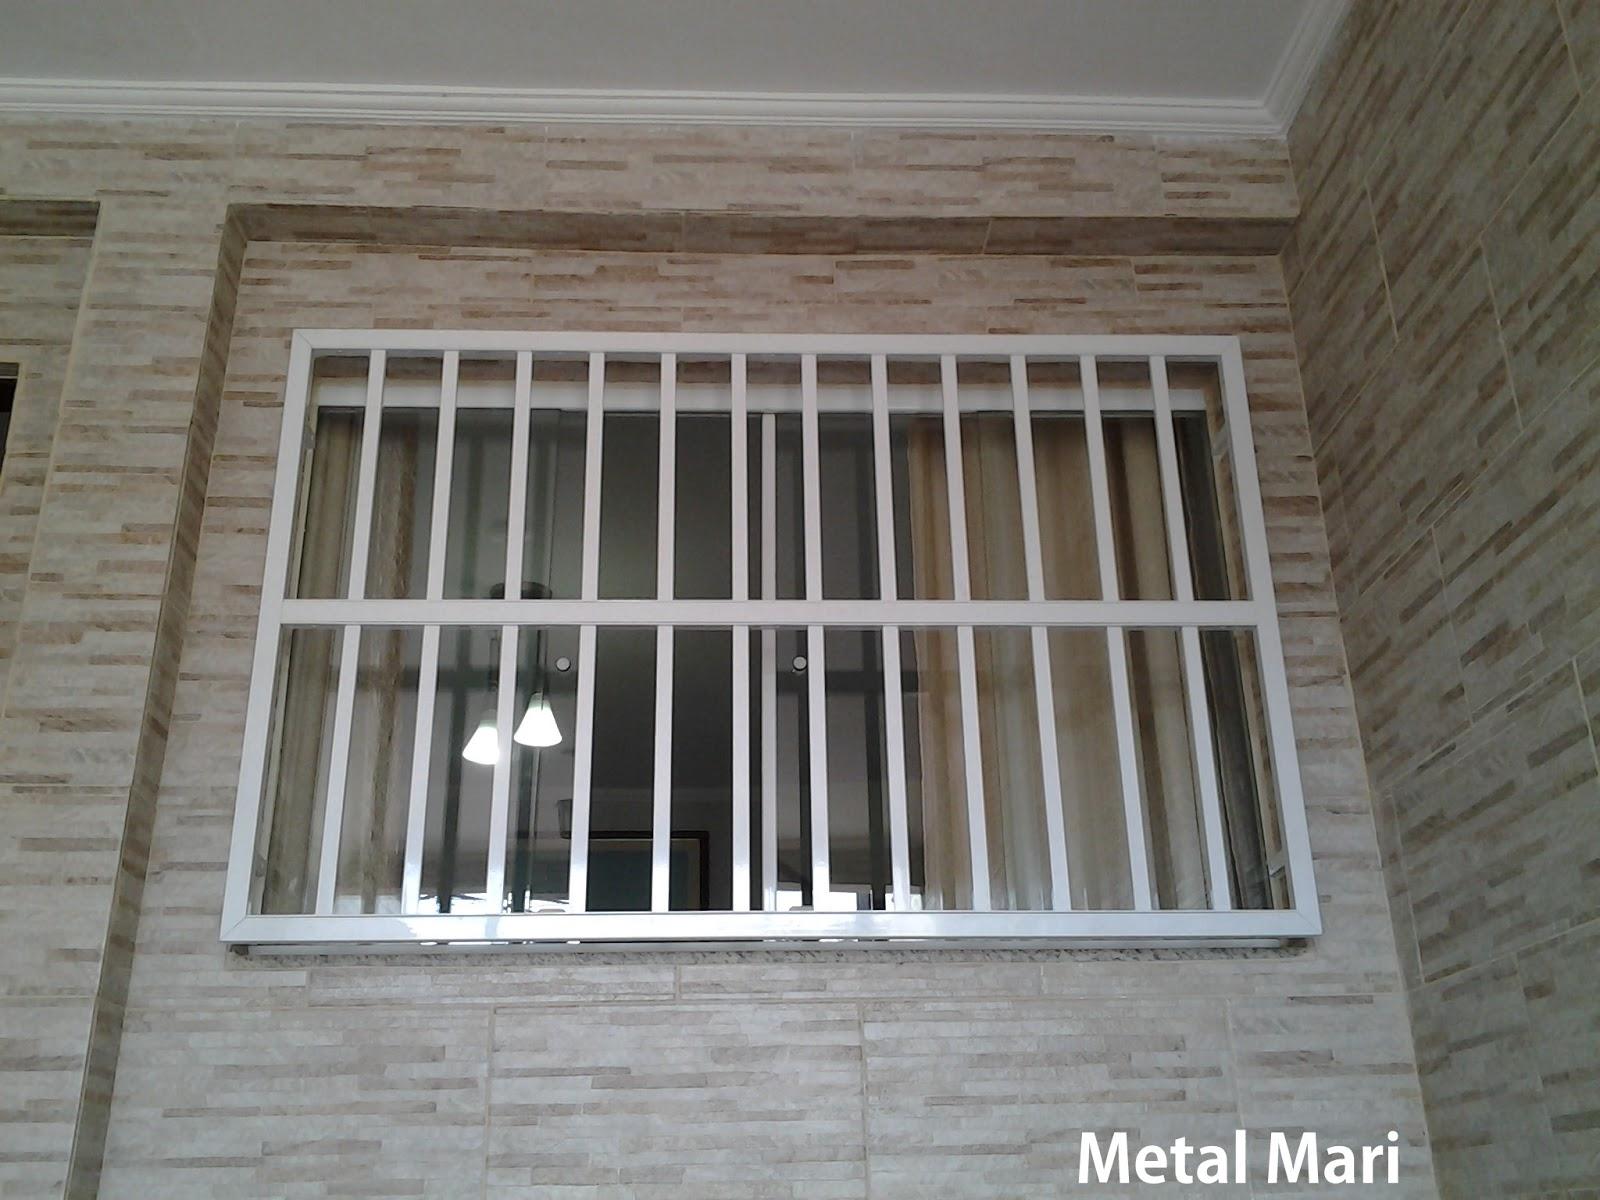 #5A5042 Grade de alumínio branco (Metal Mari) 760 Joli Janelas De Aluminio Branco